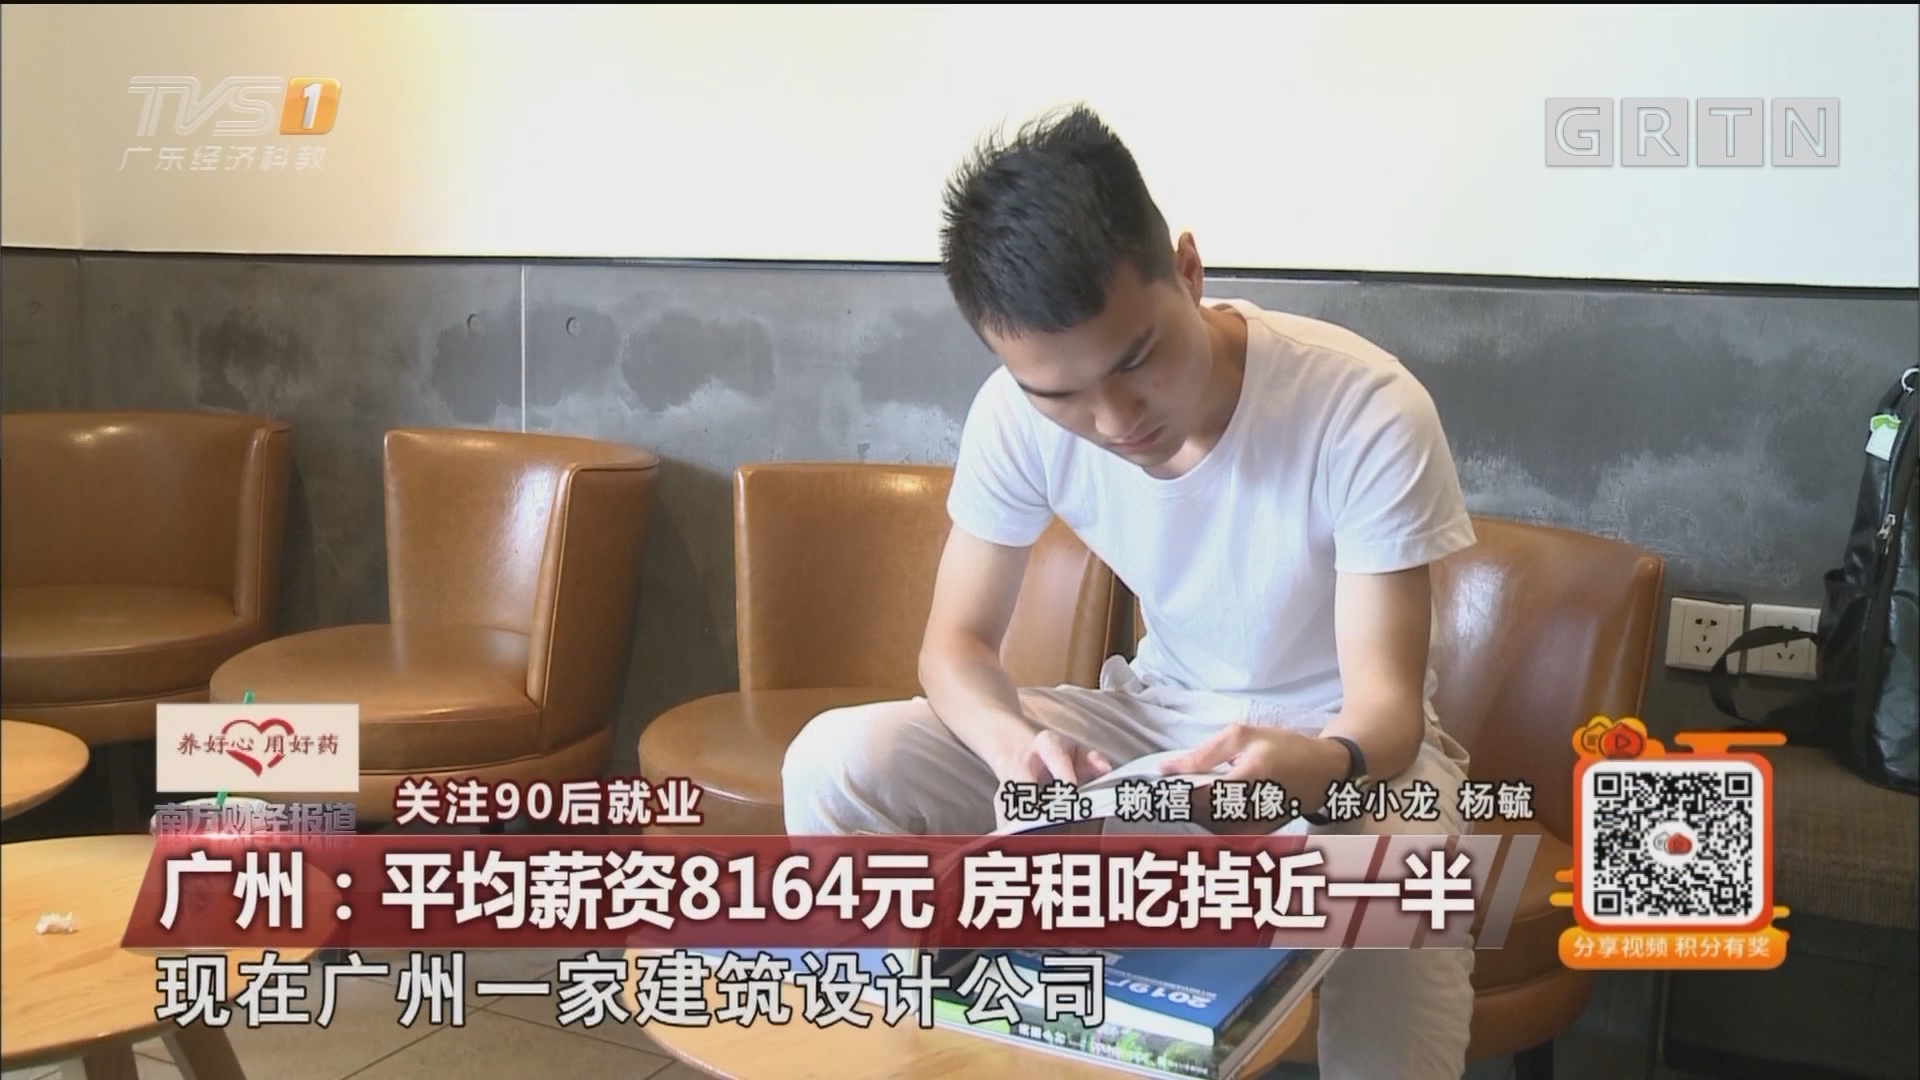 关注90后就业 广州:平均薪资8164元 房租吃掉近一半